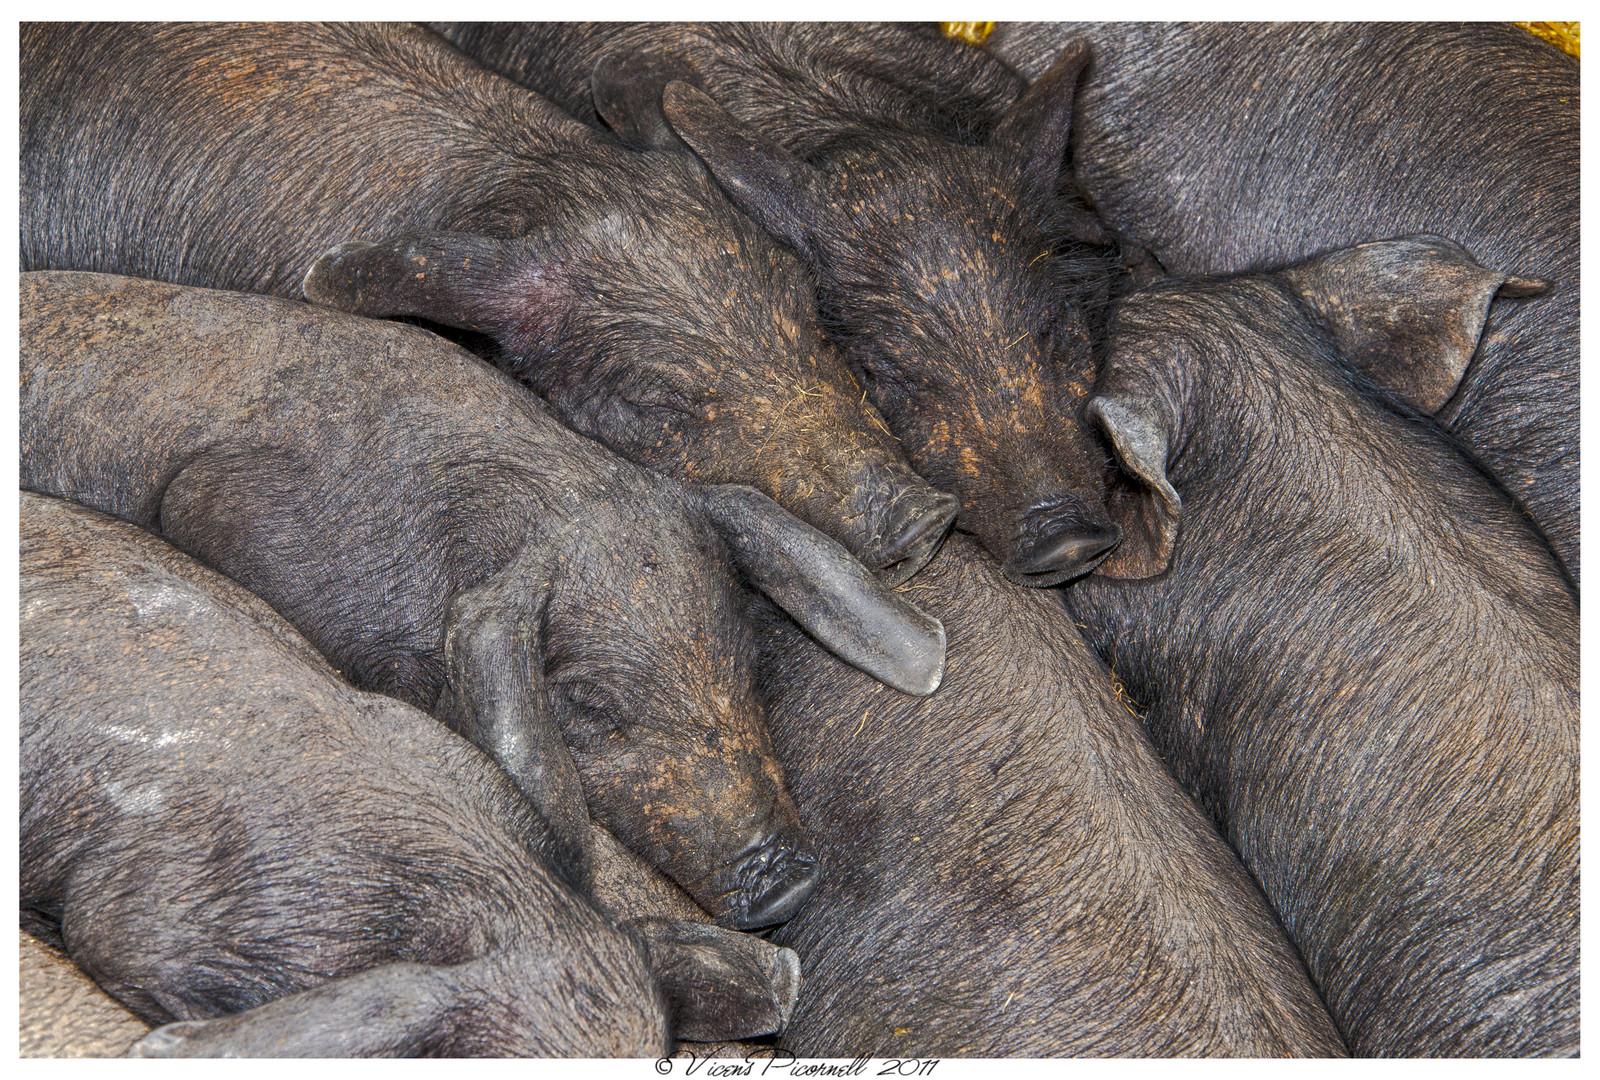 porcs negres- cerdos negros